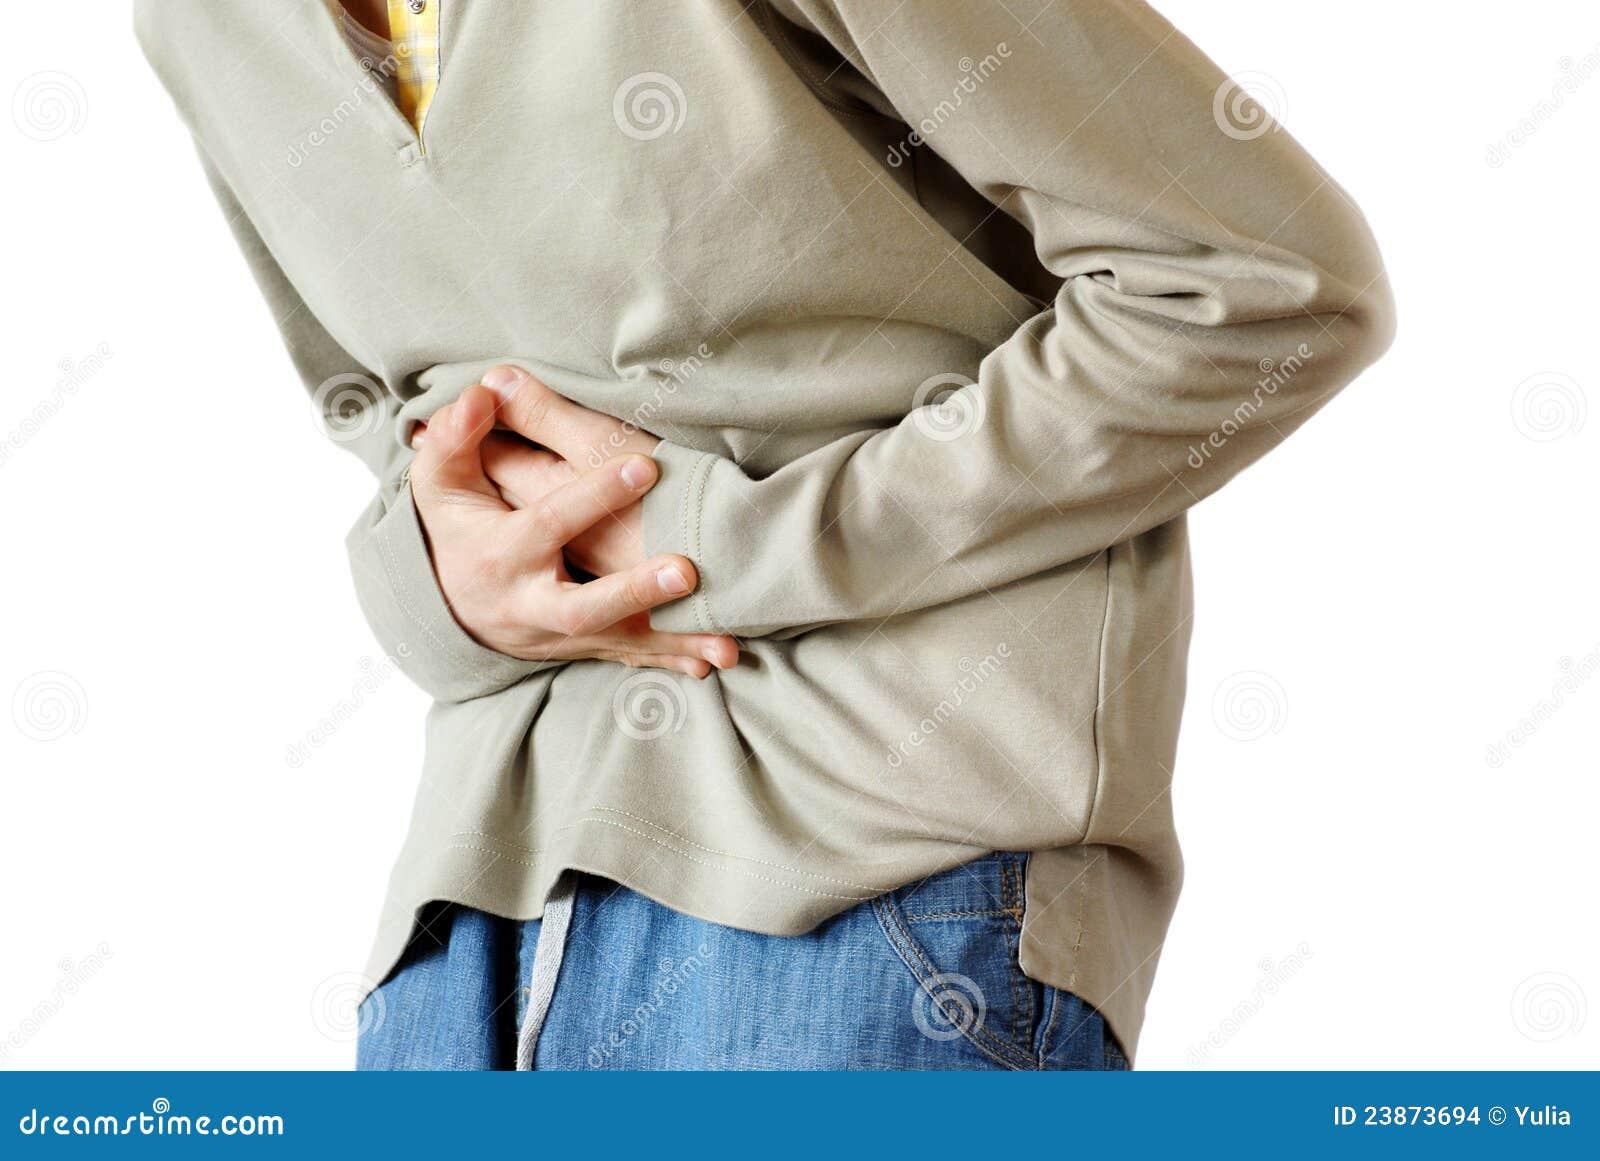 Bólowy żołądek